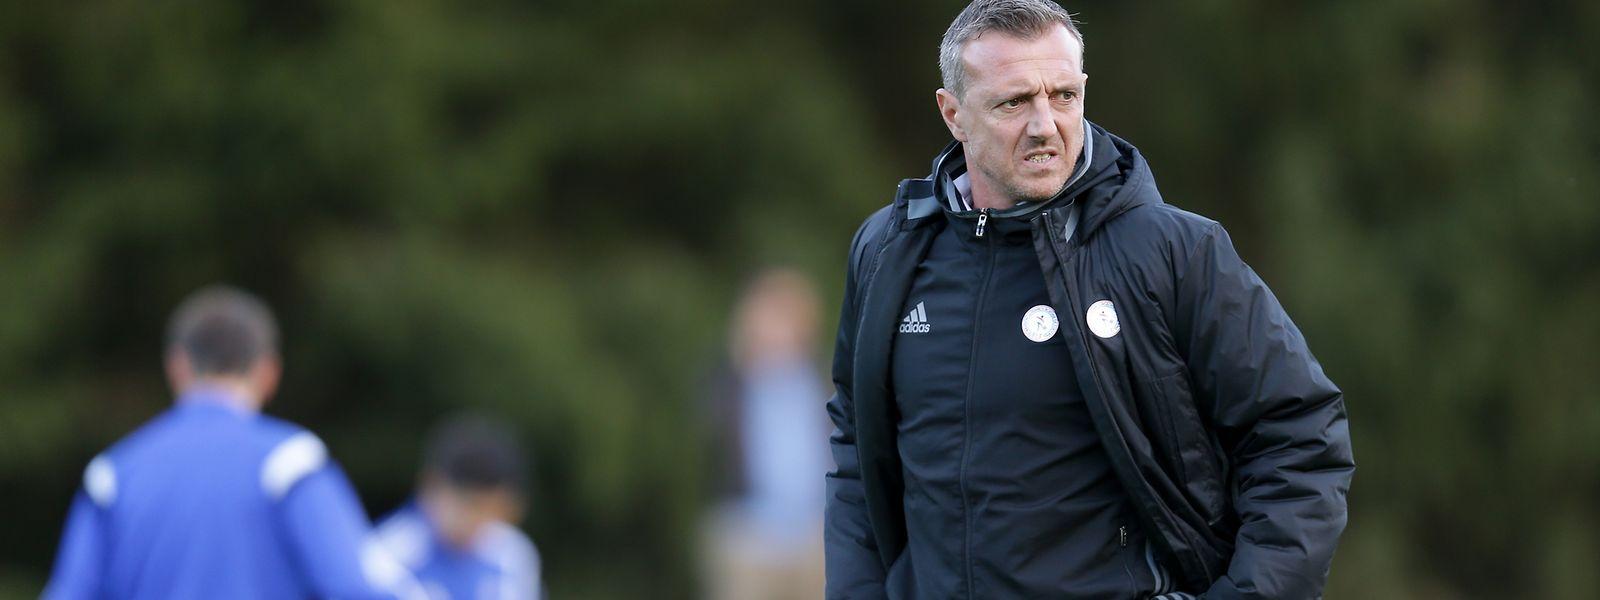 Trainer Manuel Cardoni sah keine gute Leistung seiner Mannschaft.